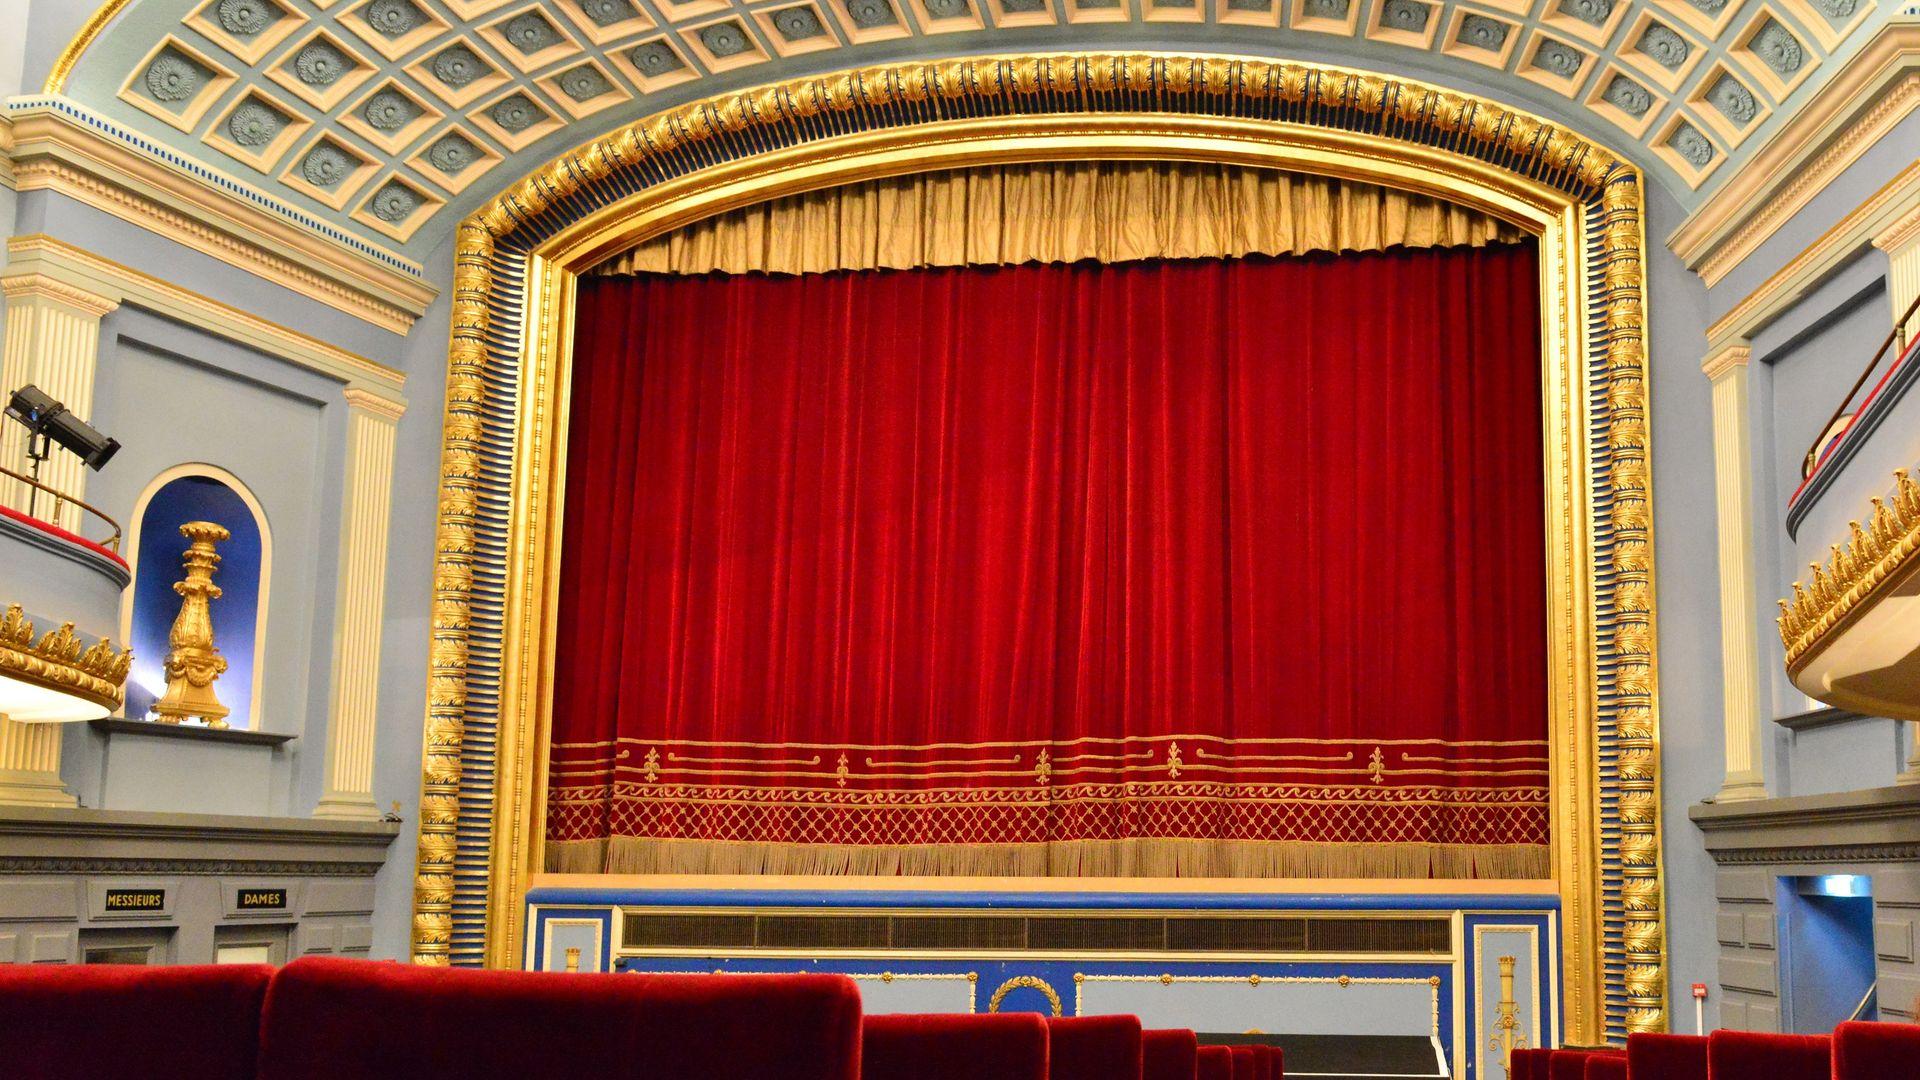 Sinema salonlarının açılması 12 Mayıs'a uzatıldı